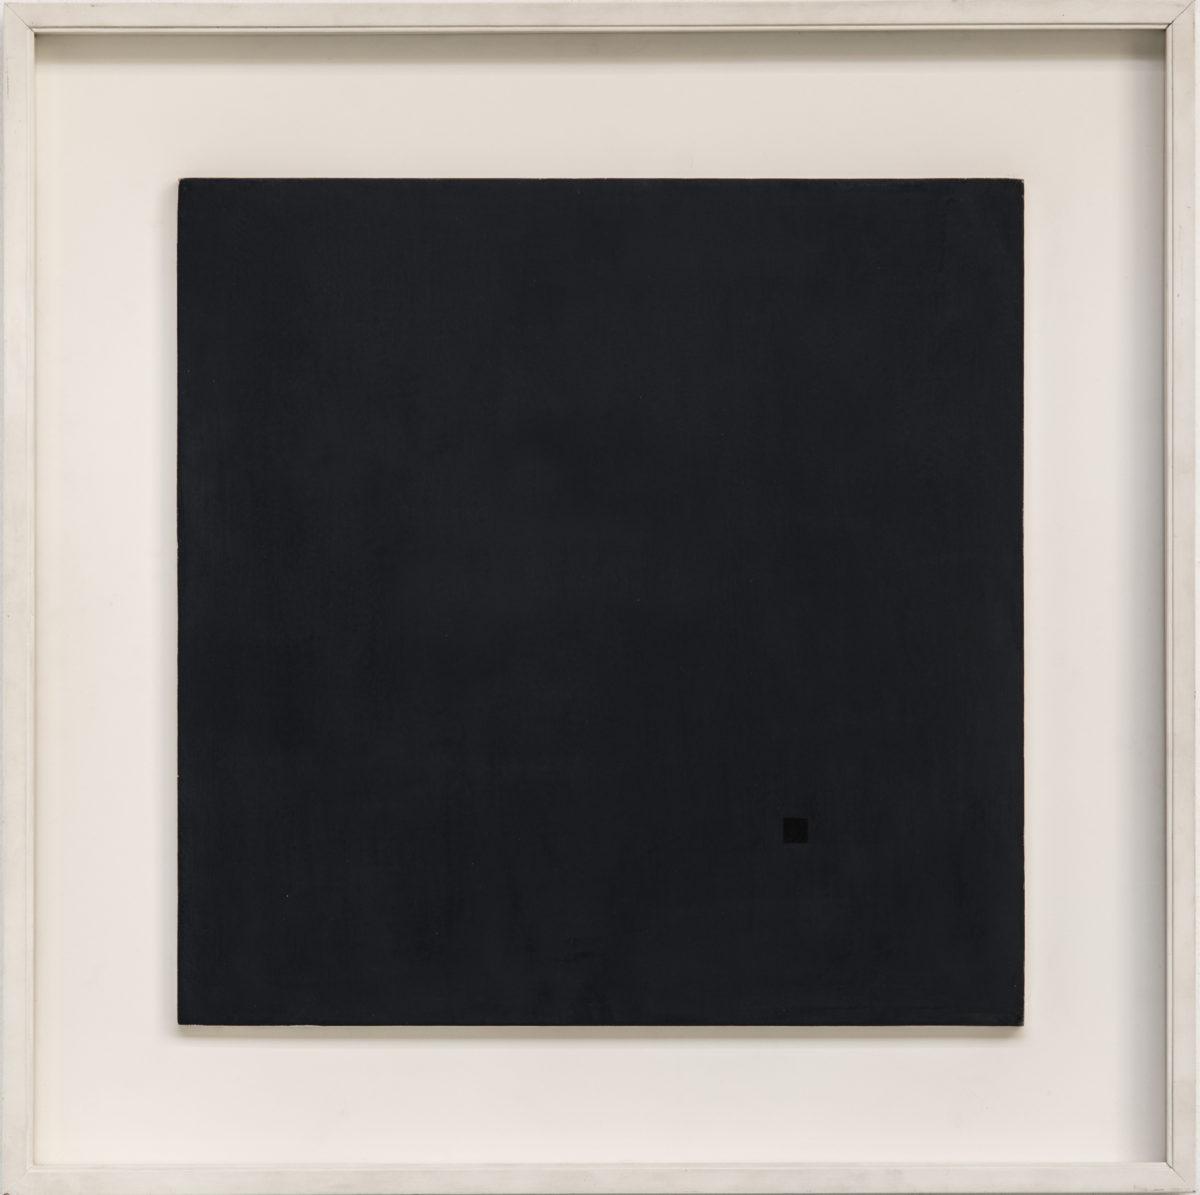 CALDERARA Dimenione di Luce Nero A Ca M 3 004 O